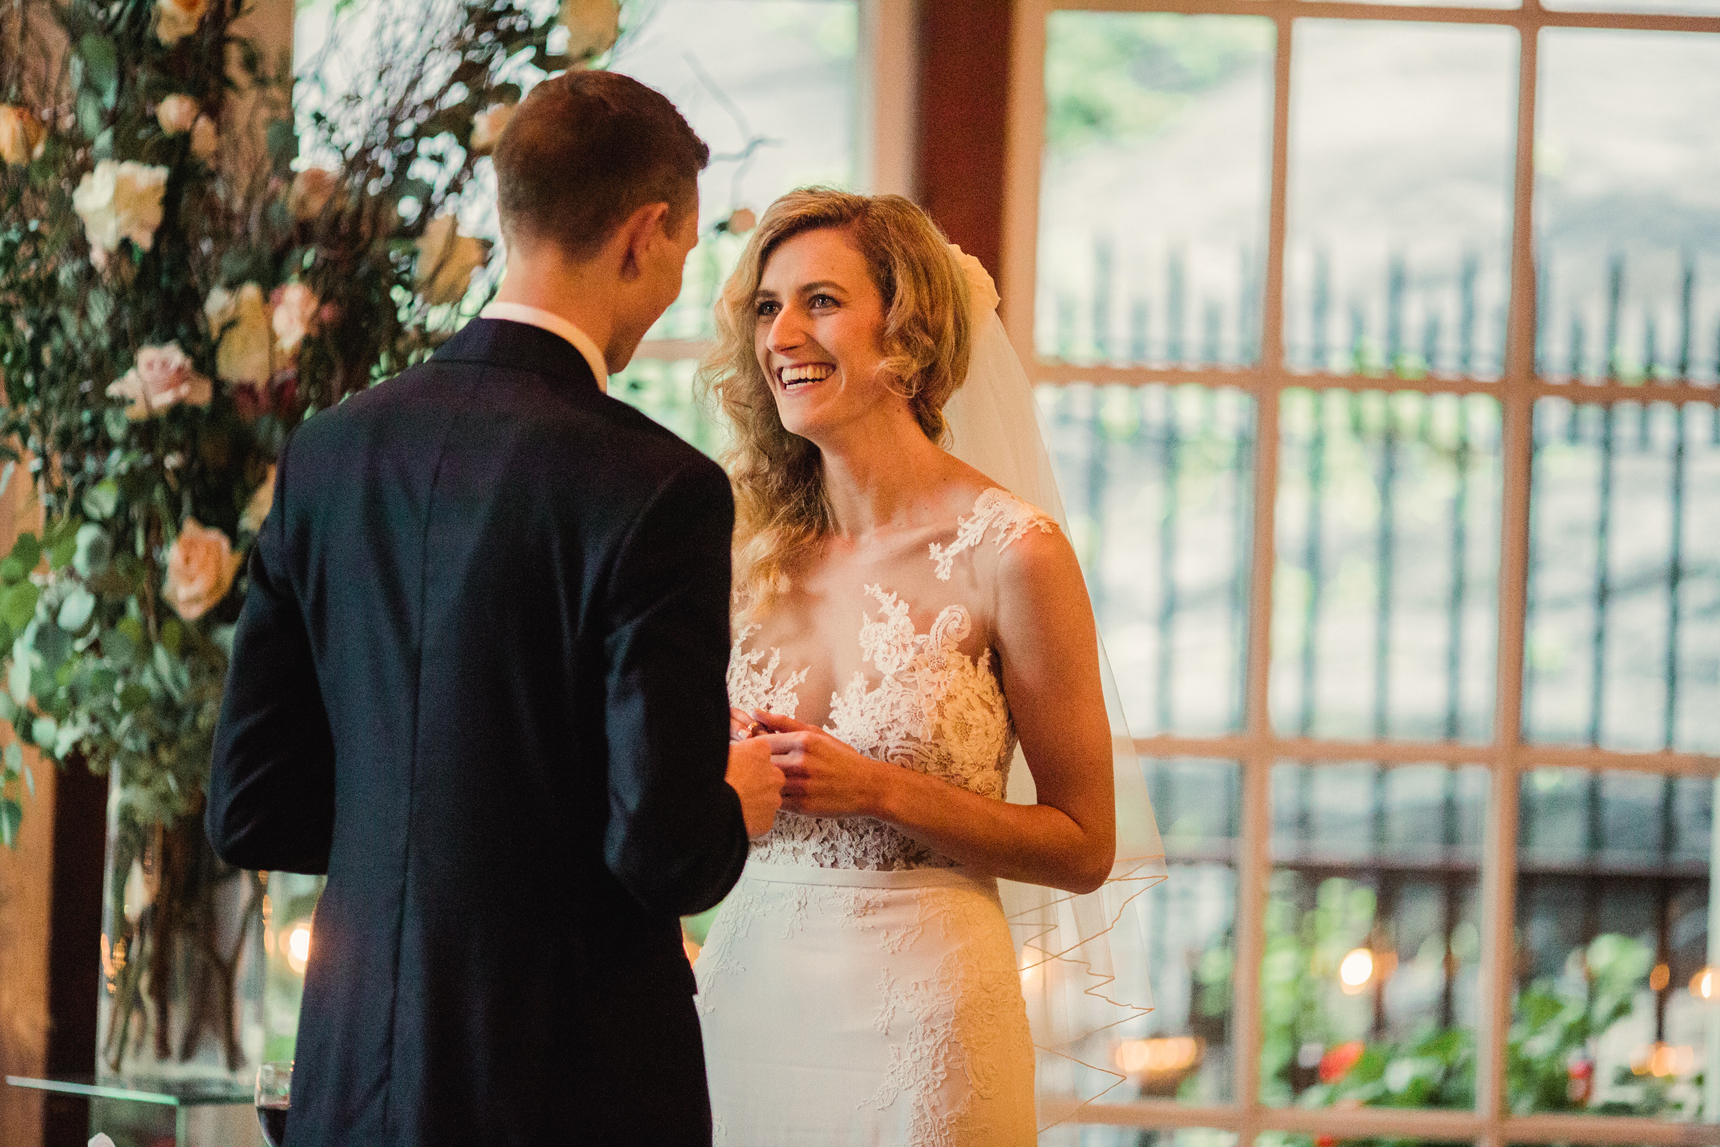 Jory_LoebBoathouse_CentralPark_NewYork_WeddingPhotographer098.jpg